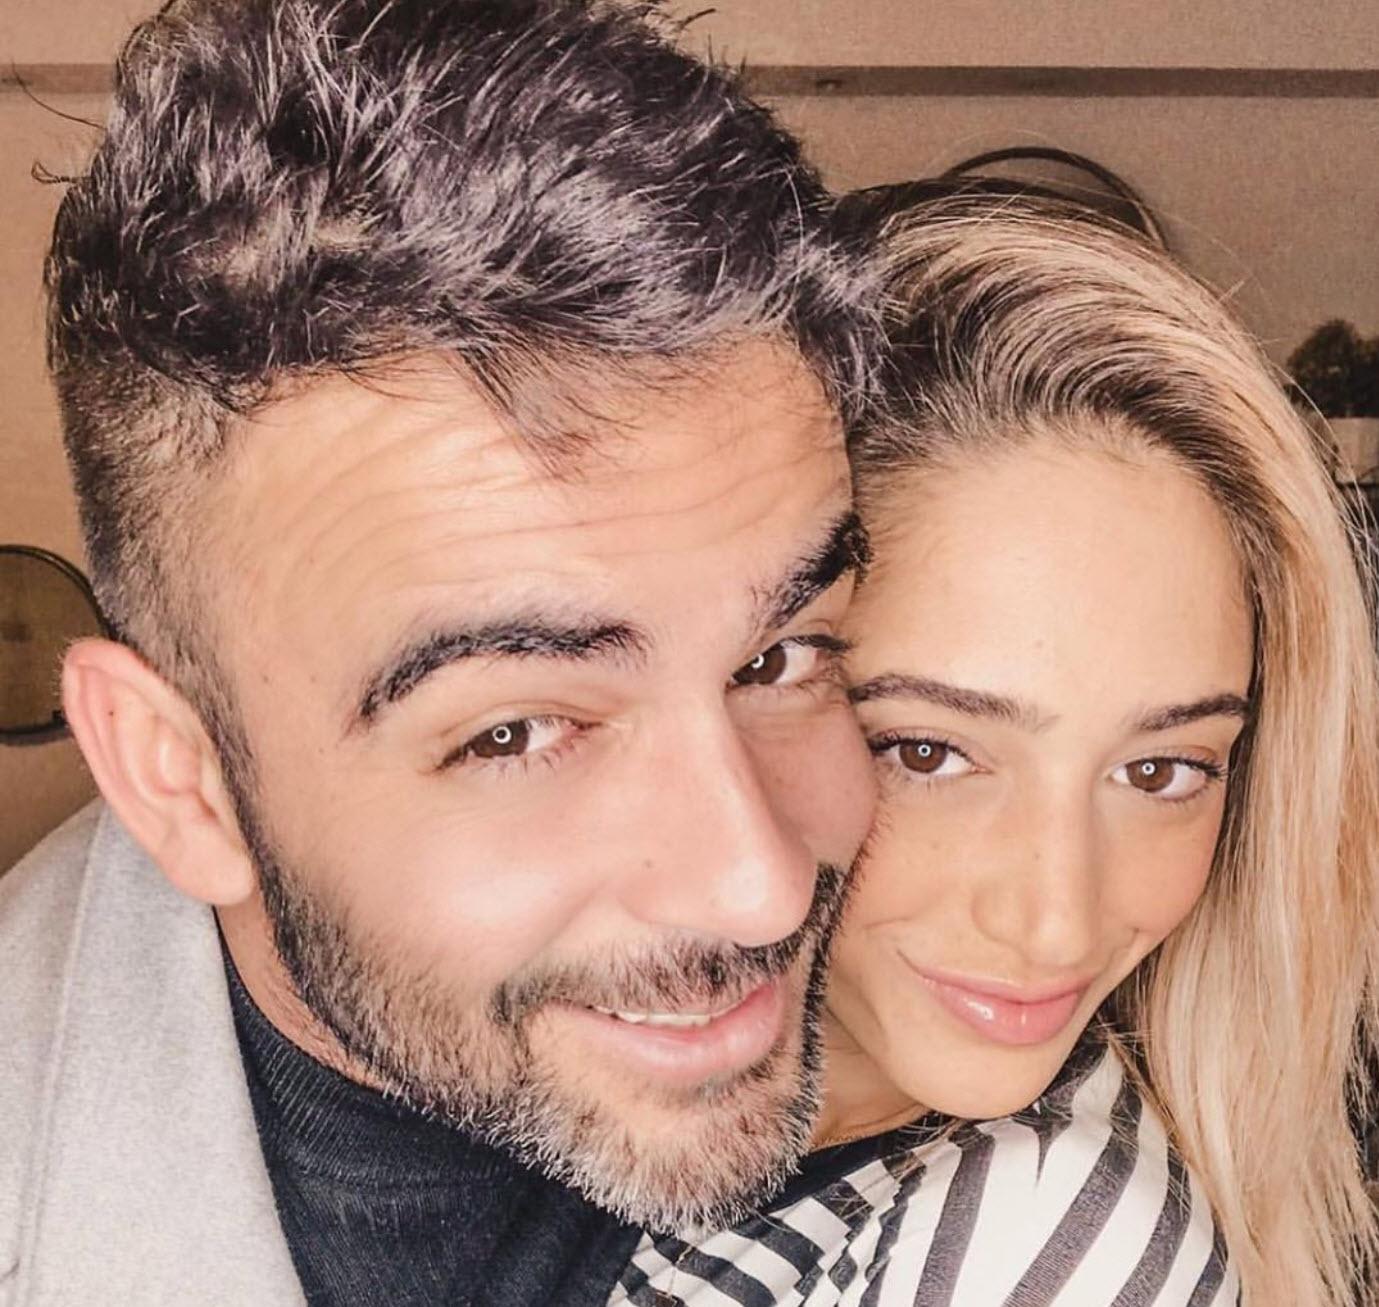 נשבר הלב: אליאב אוזן ודנית גרינברג התגרשו וזה רשמי